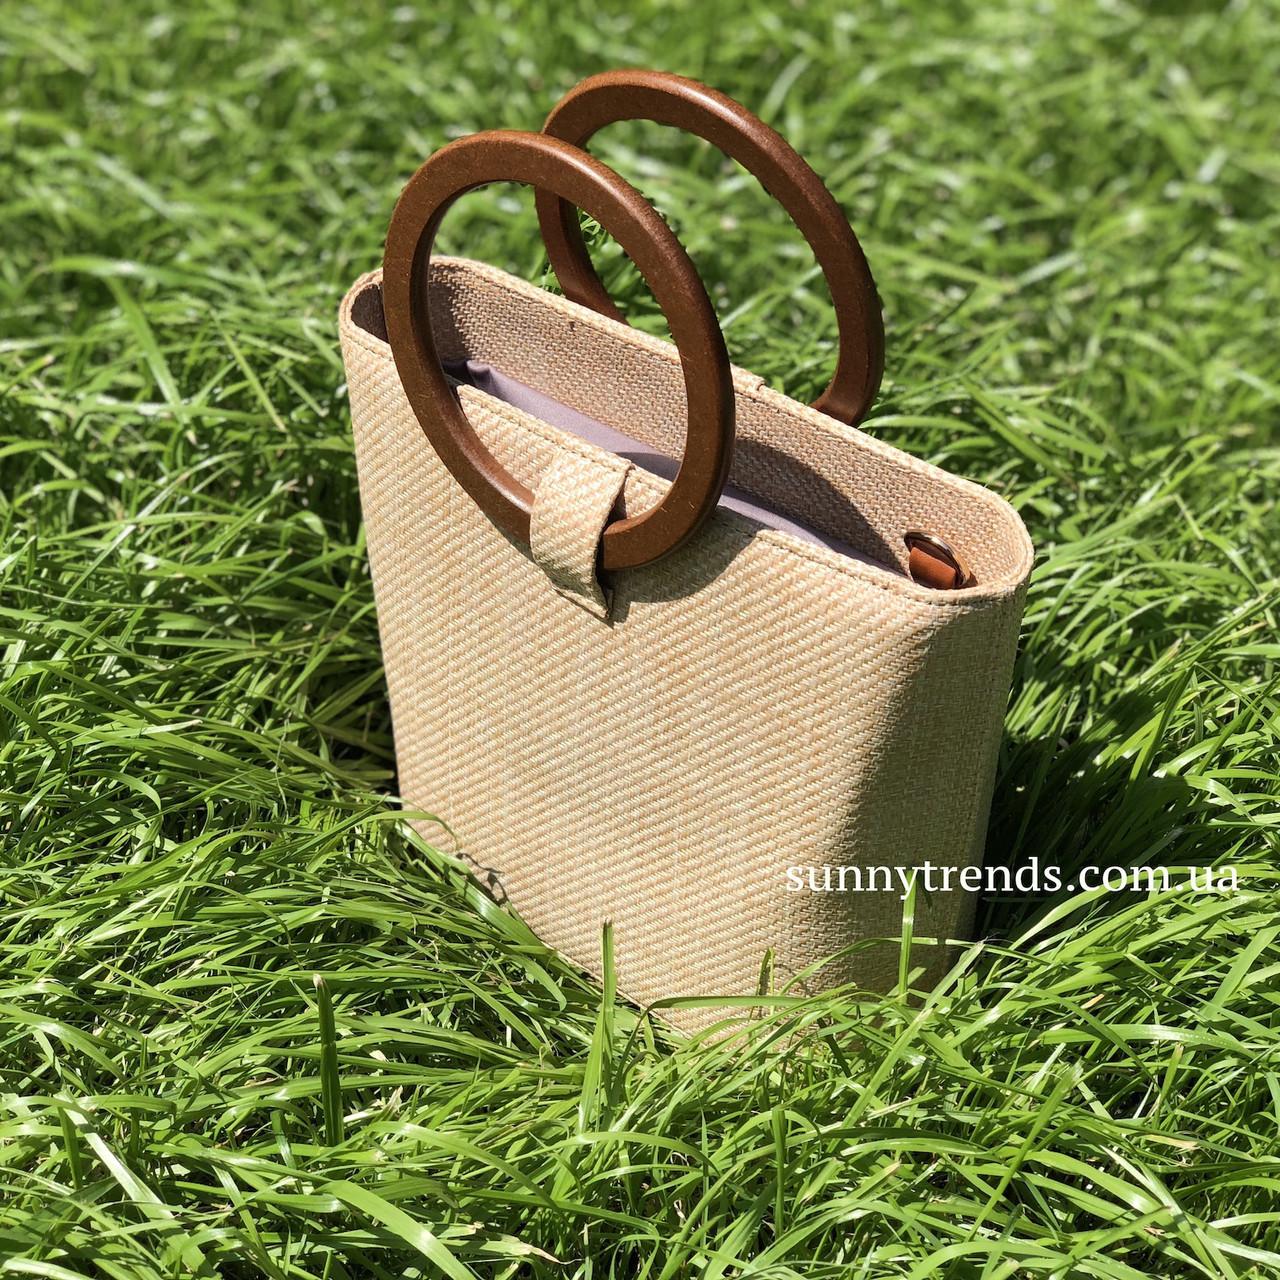 d1b42a14429c Сумка плетеная соломенная с ручками из бамбука бежевая: продажа ...